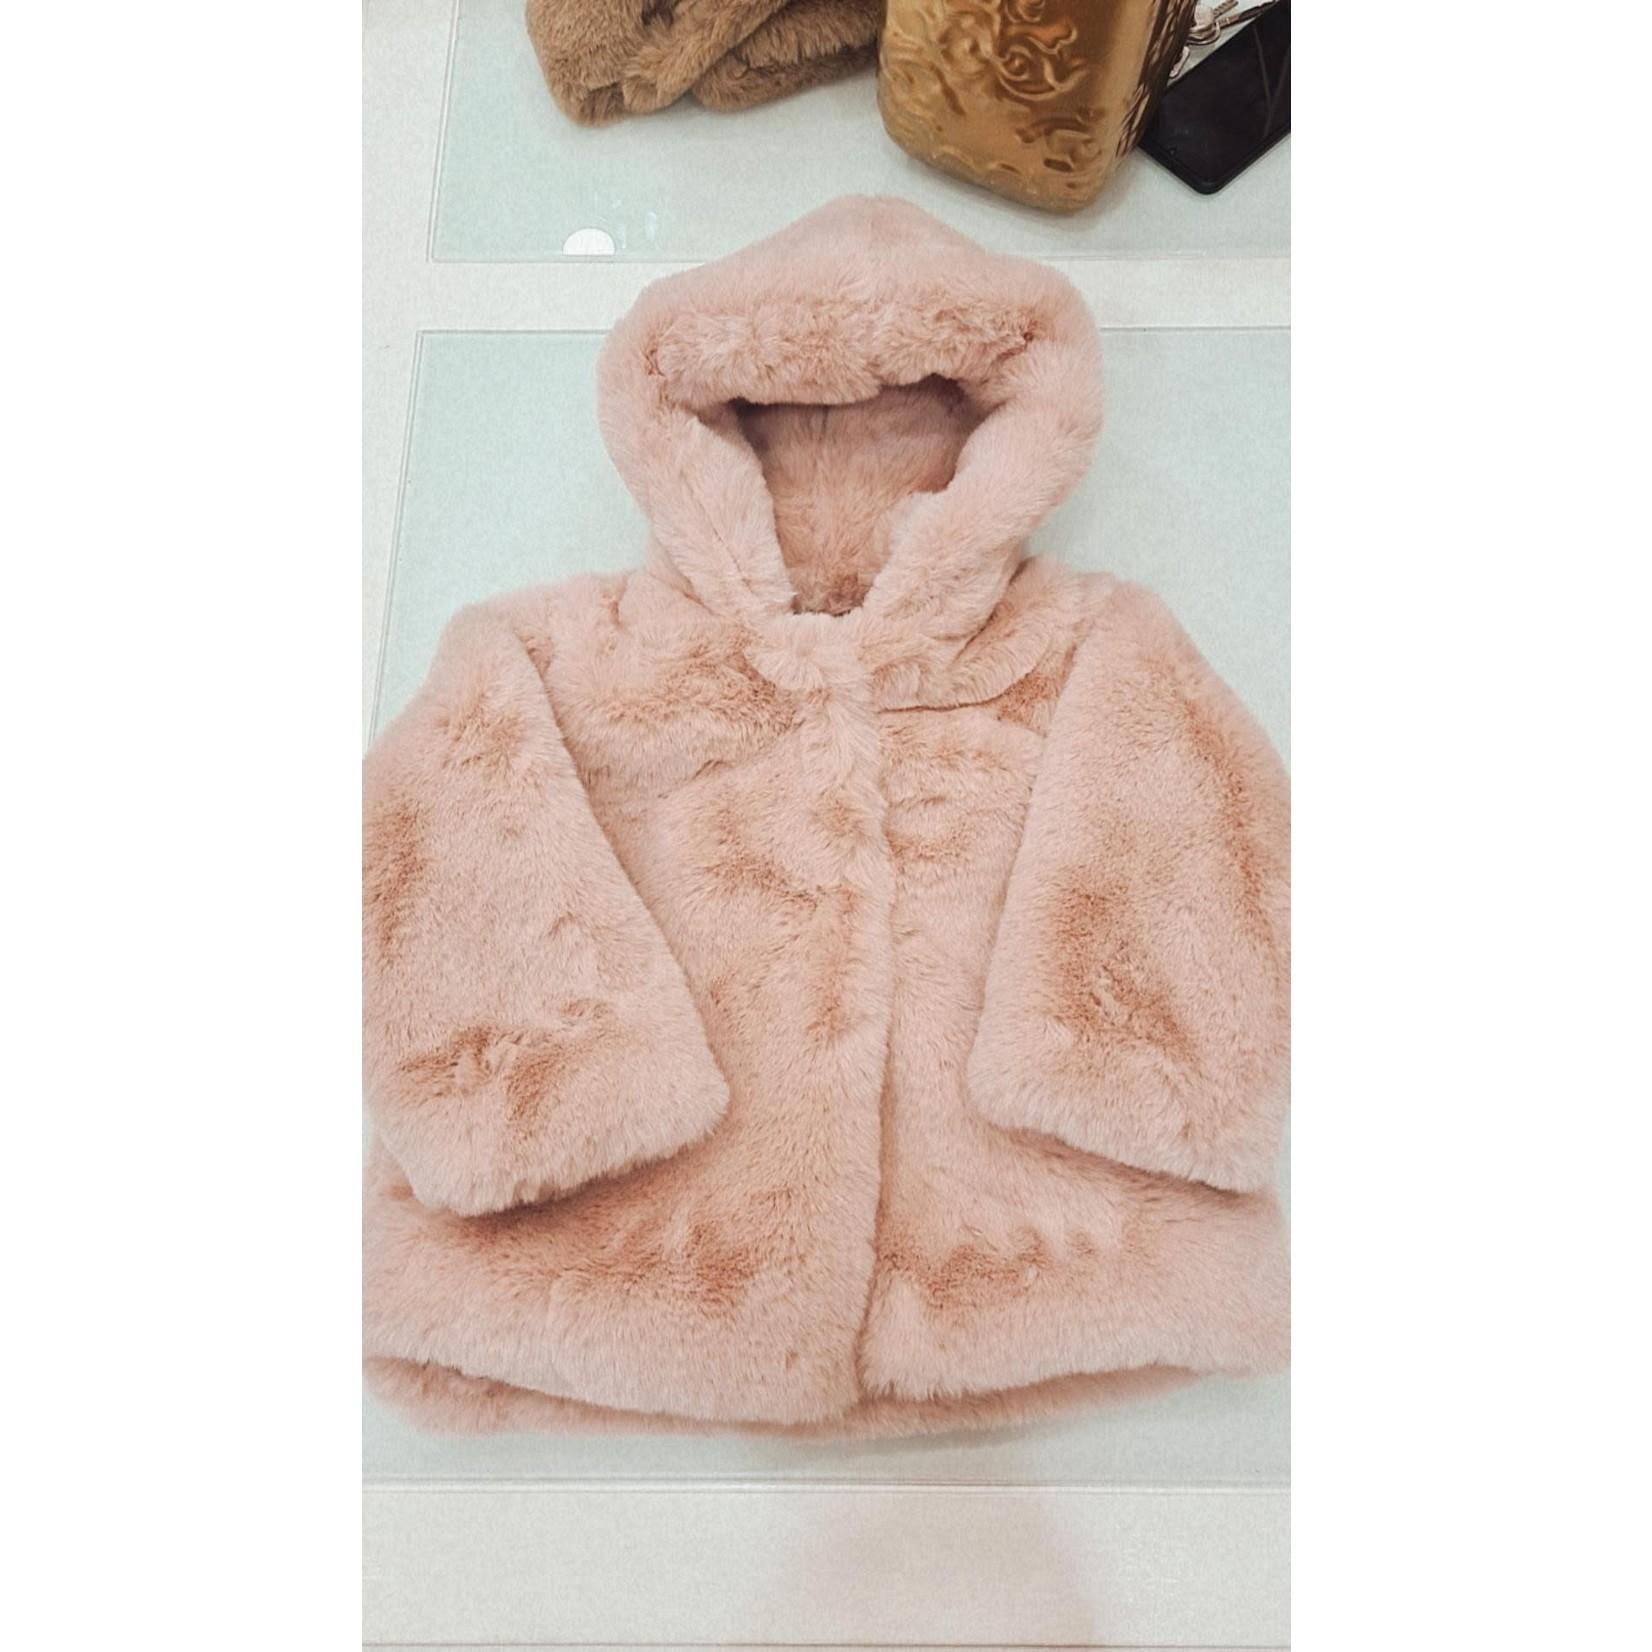 Petite Zara Teddy Coat Dusty Pink - Petite Zara